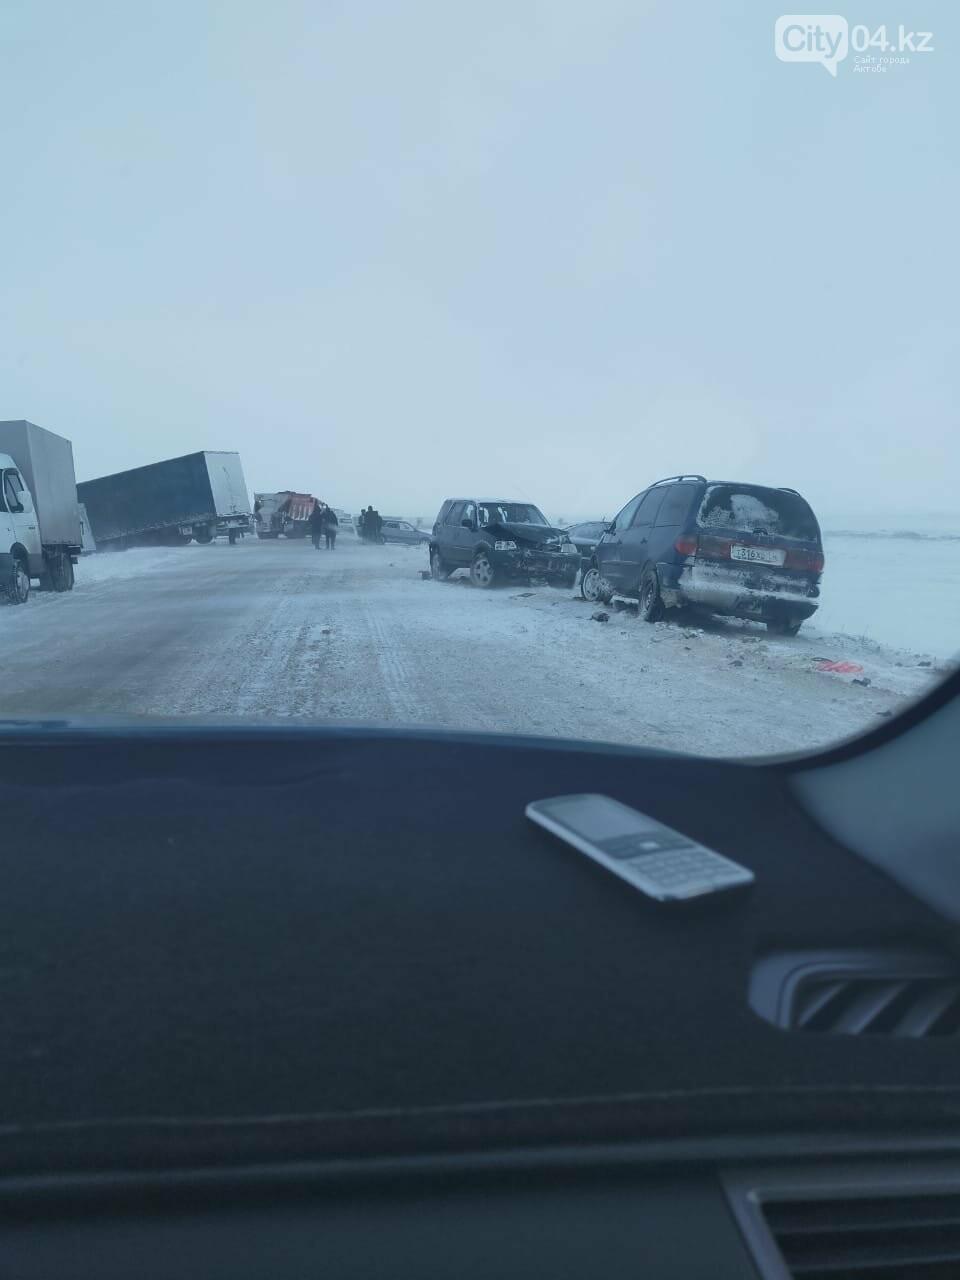 """11 машин попали в аварию на трассе """"Самара-Шымкент"""", фото-1"""